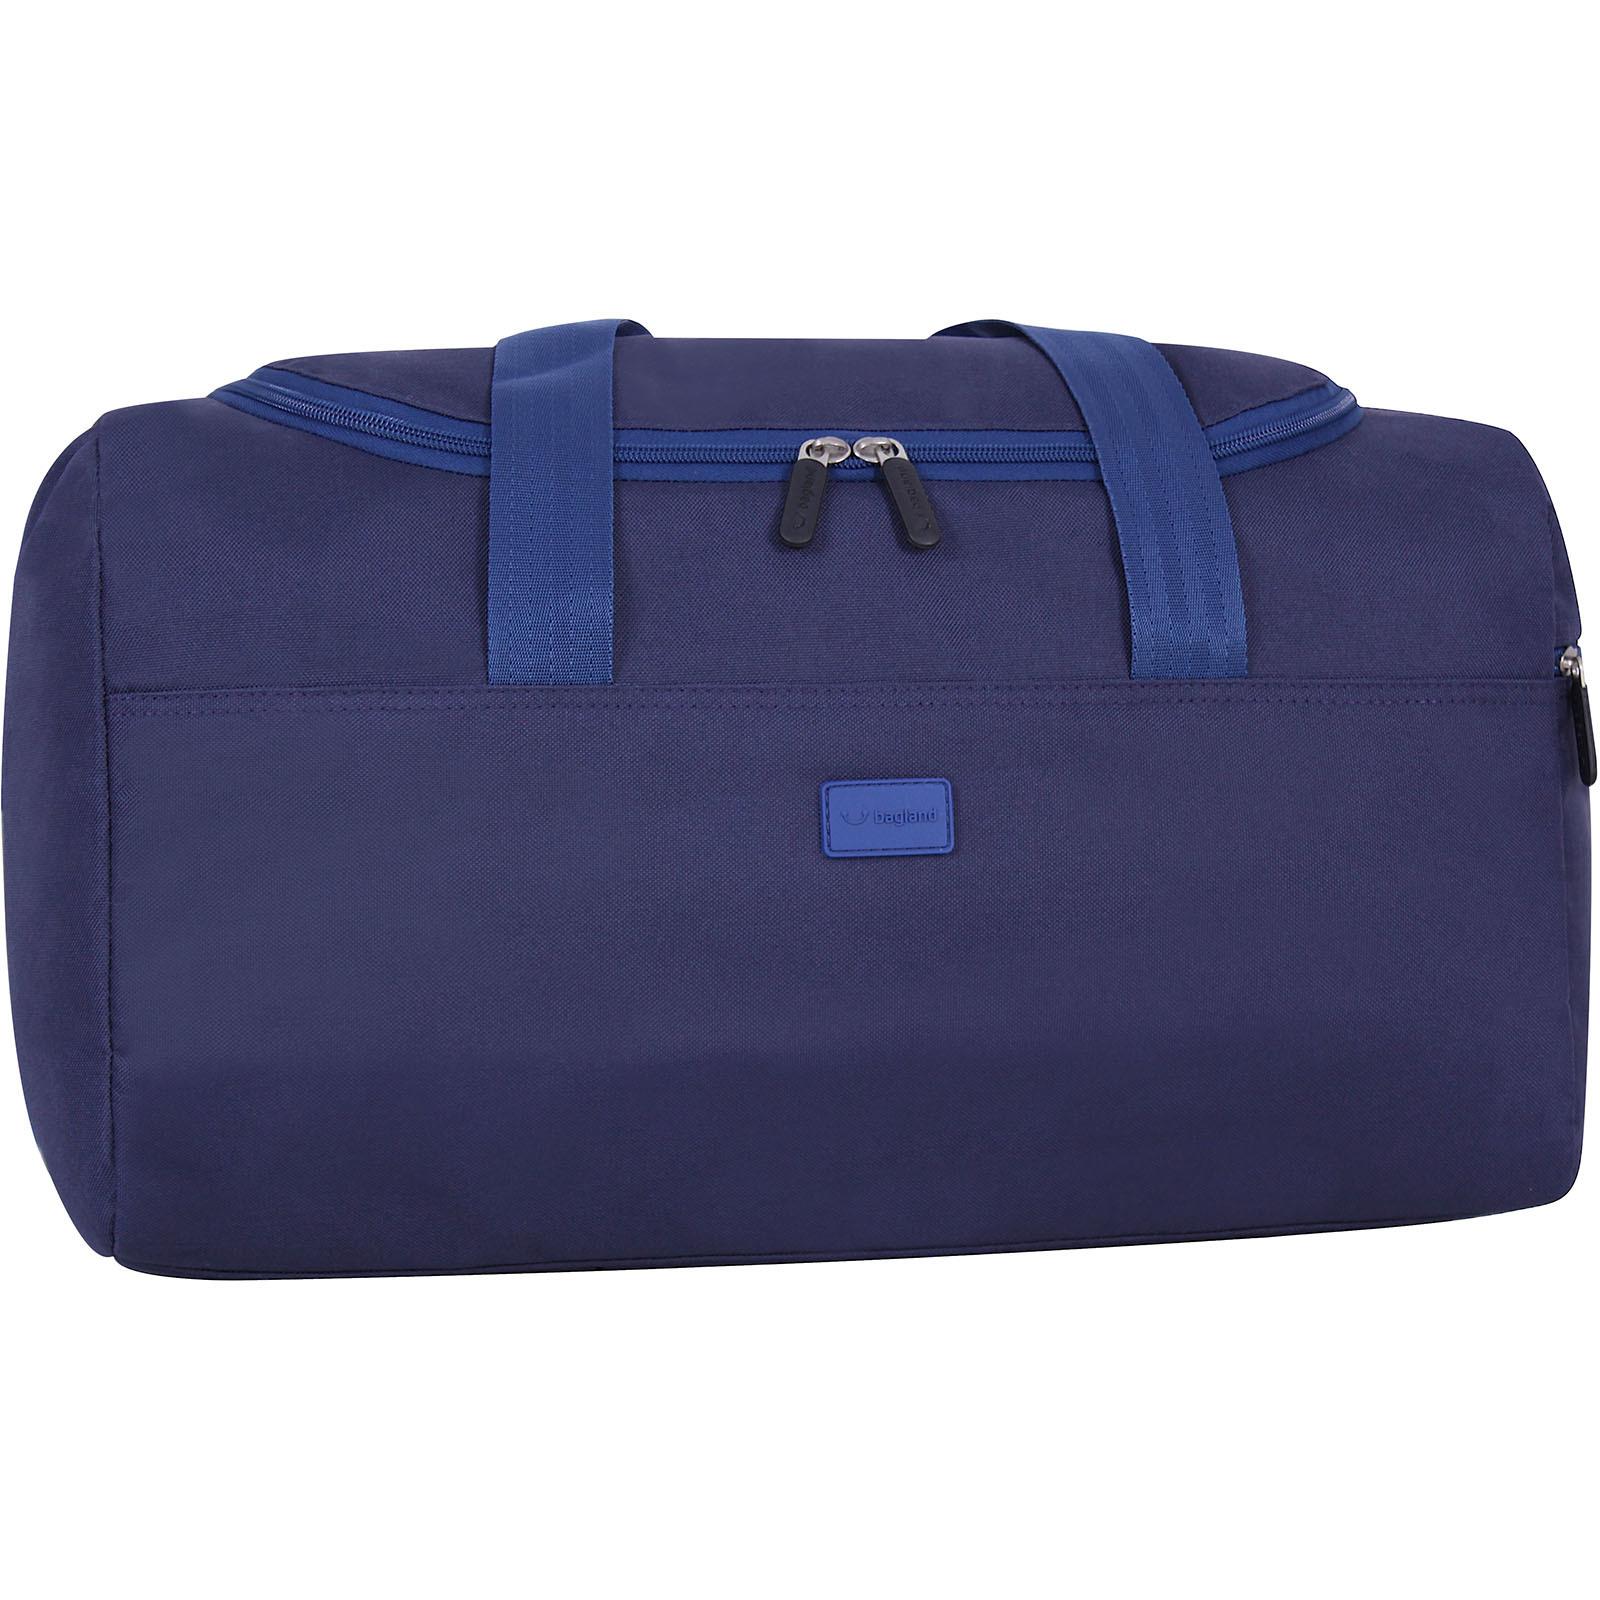 Дорожные сумки Сумка Bagland Boston 25 л. Чернильный (0037466) IMG_7117.JPG